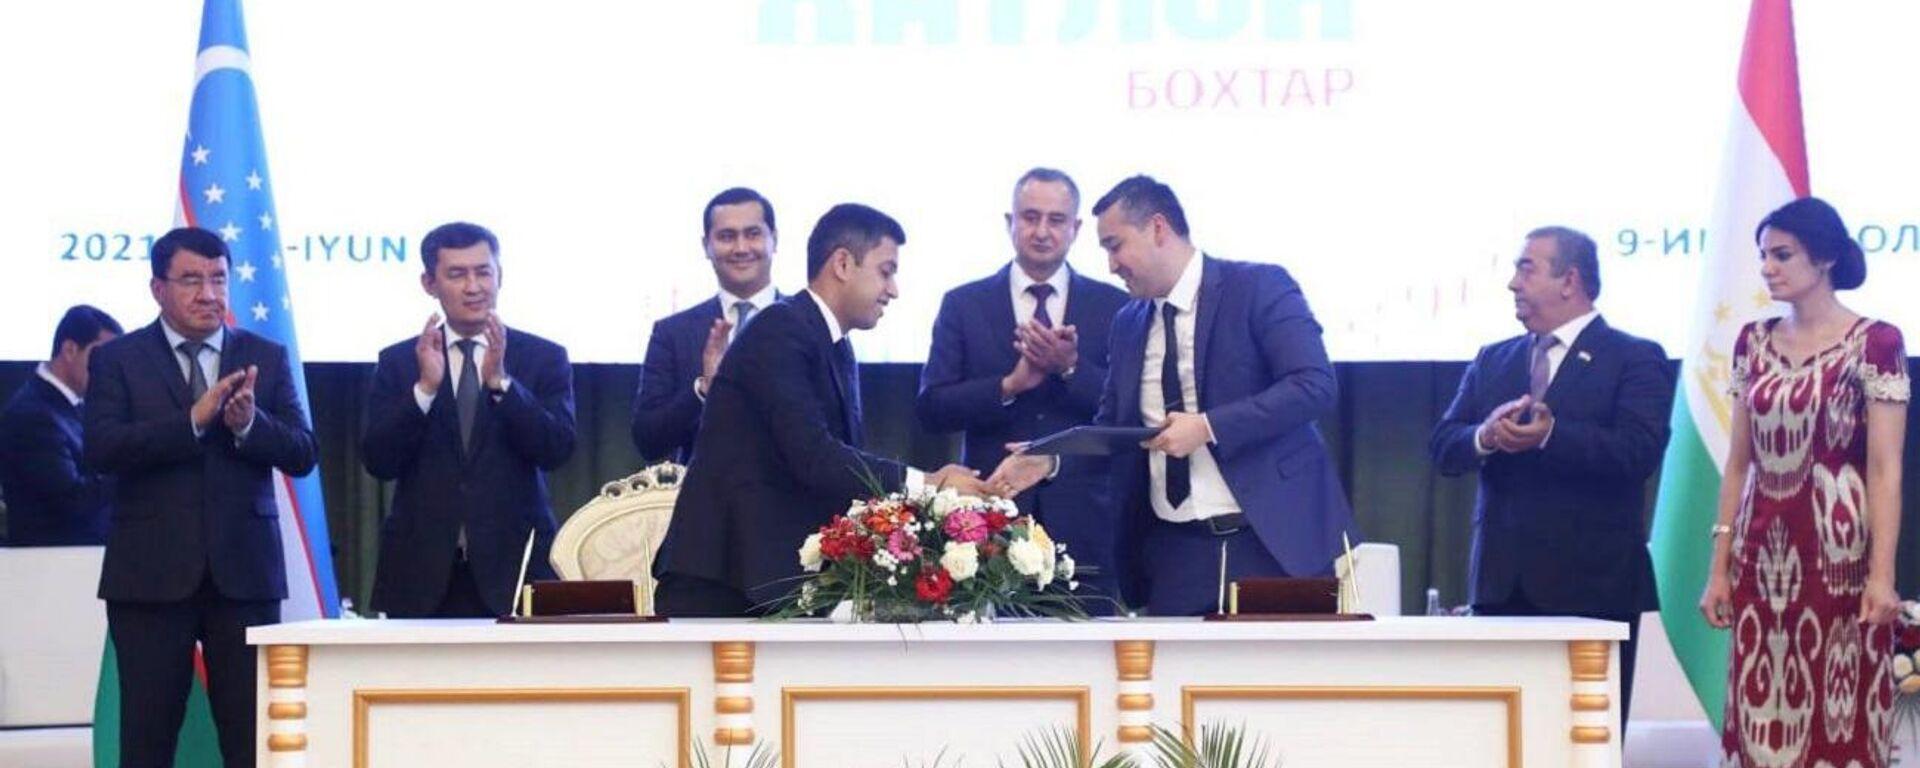 В Таджикистане состоялся 1-й Узбекско-таджикский межрегиональный инвестиционный форум - Sputnik Ўзбекистон, 1920, 09.06.2021